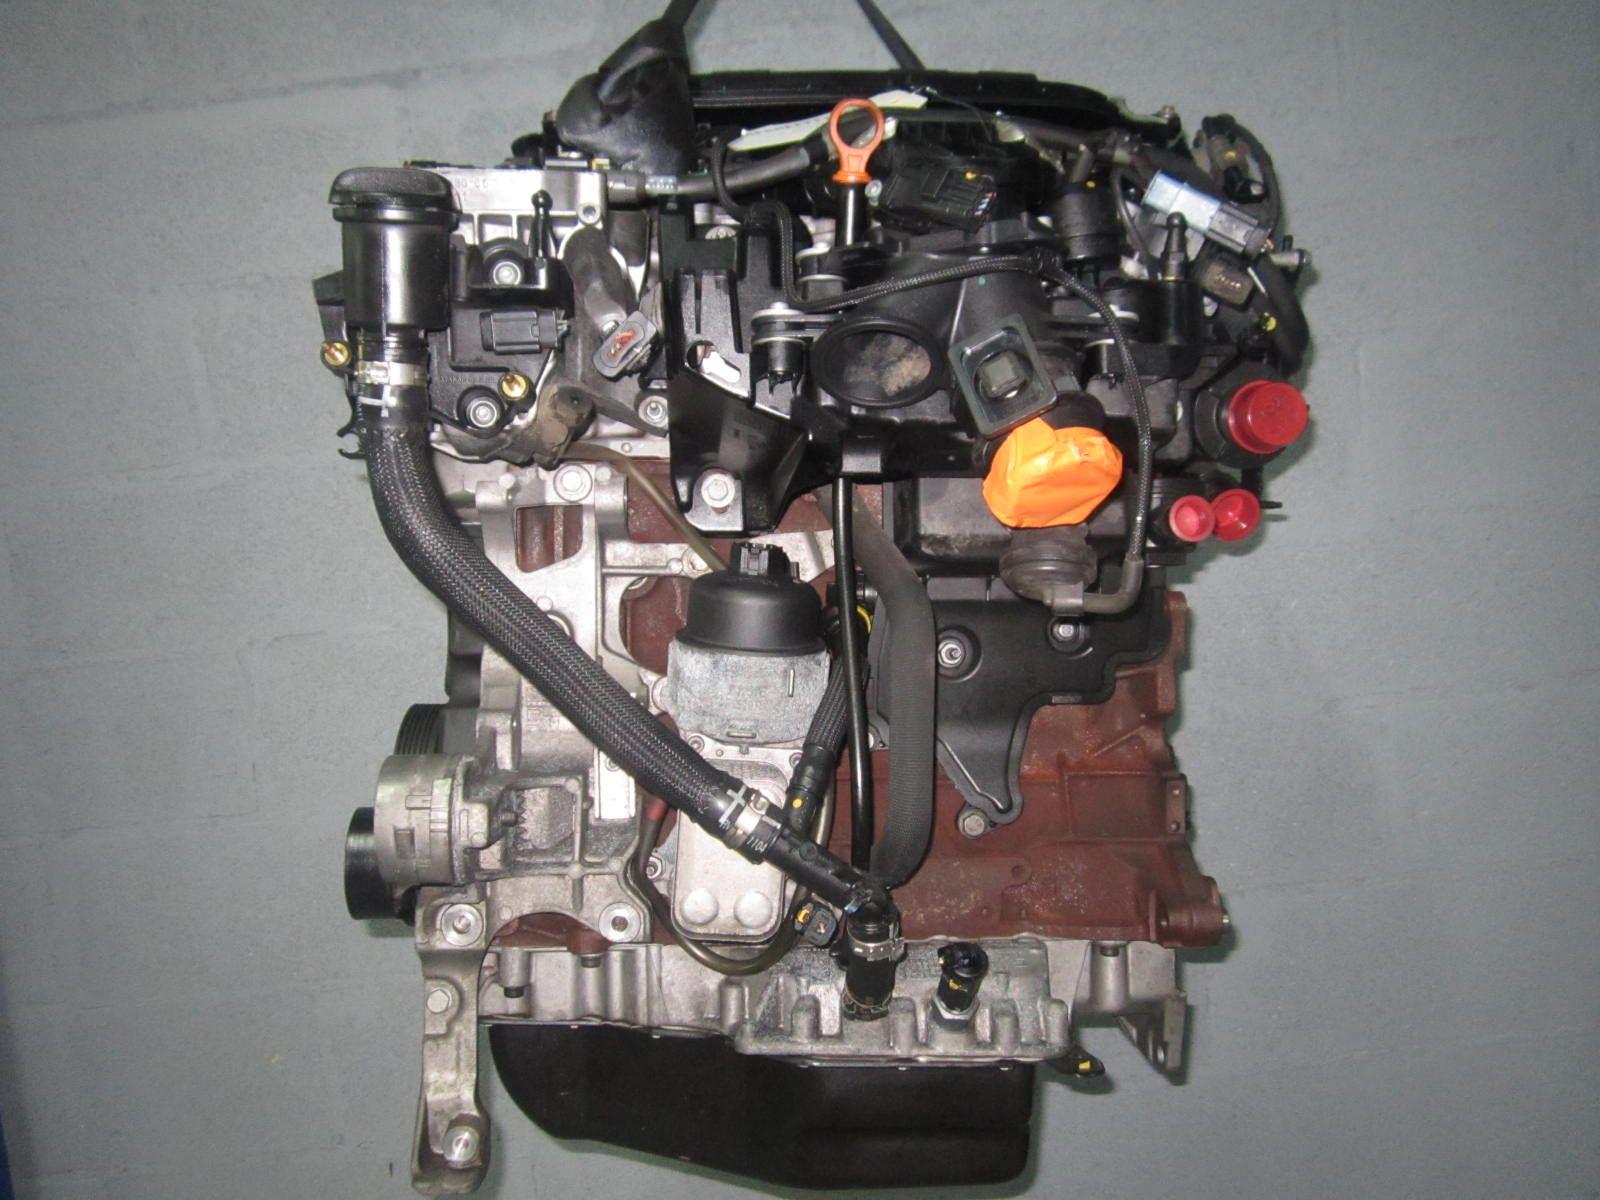 moteur d u0026 39 occasion citroen c5 rhh de 2001 en parfait  u00e9tat  pour les compatibilit u00e9s moteur et